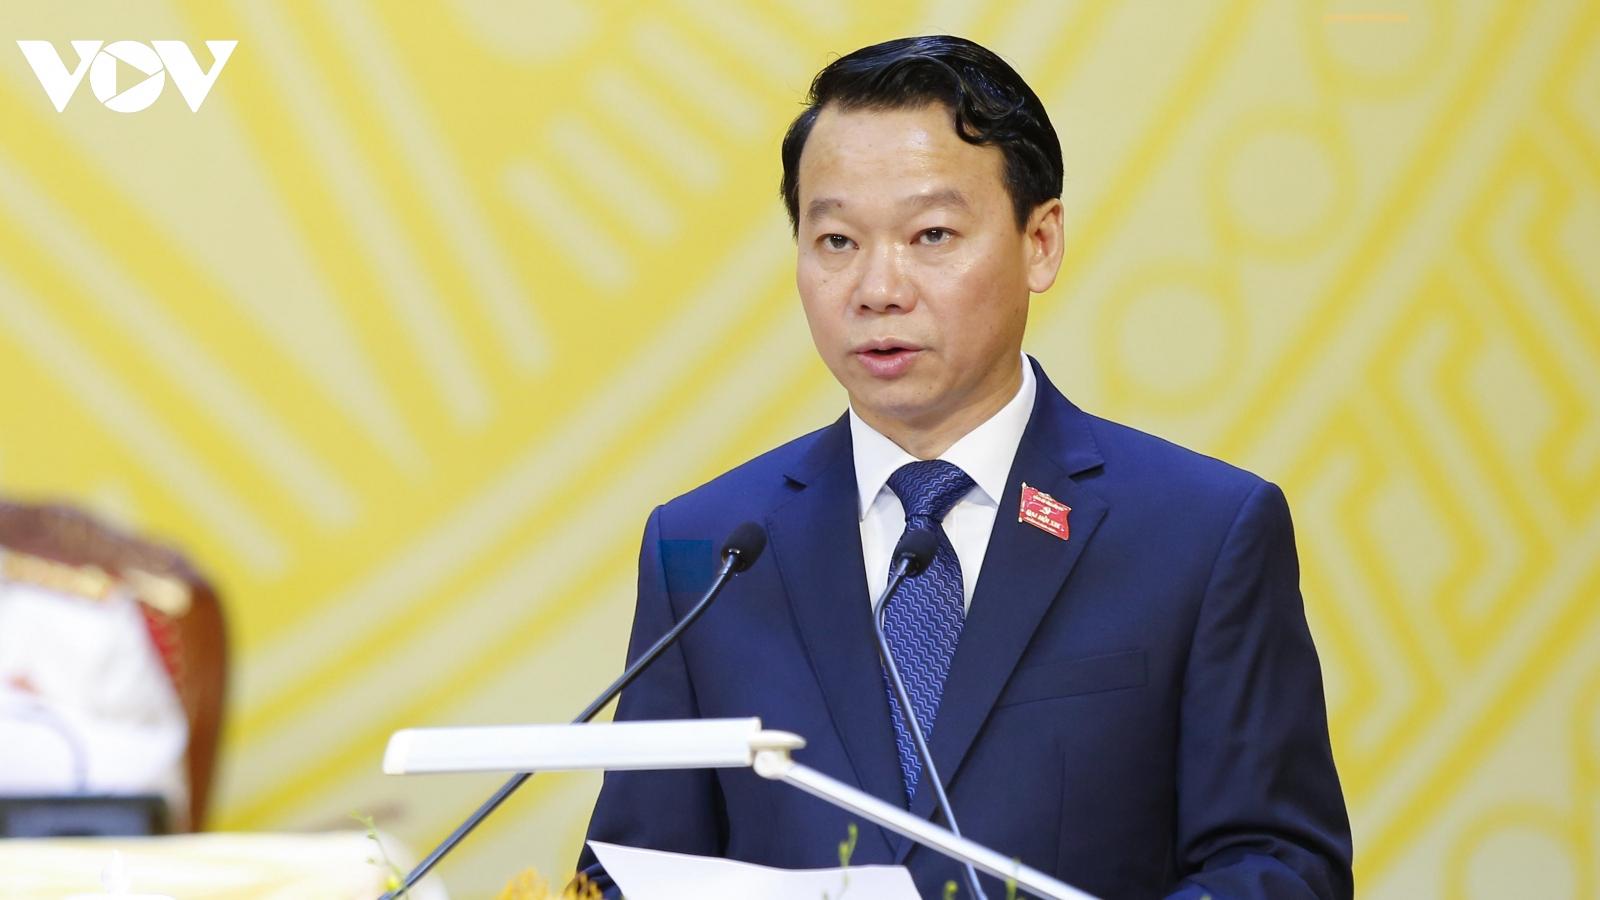 Chủ tịch tỉnh Yên Bái Đỗ Đức Duy được bầu giữ chức Bí thư Tỉnh ủy